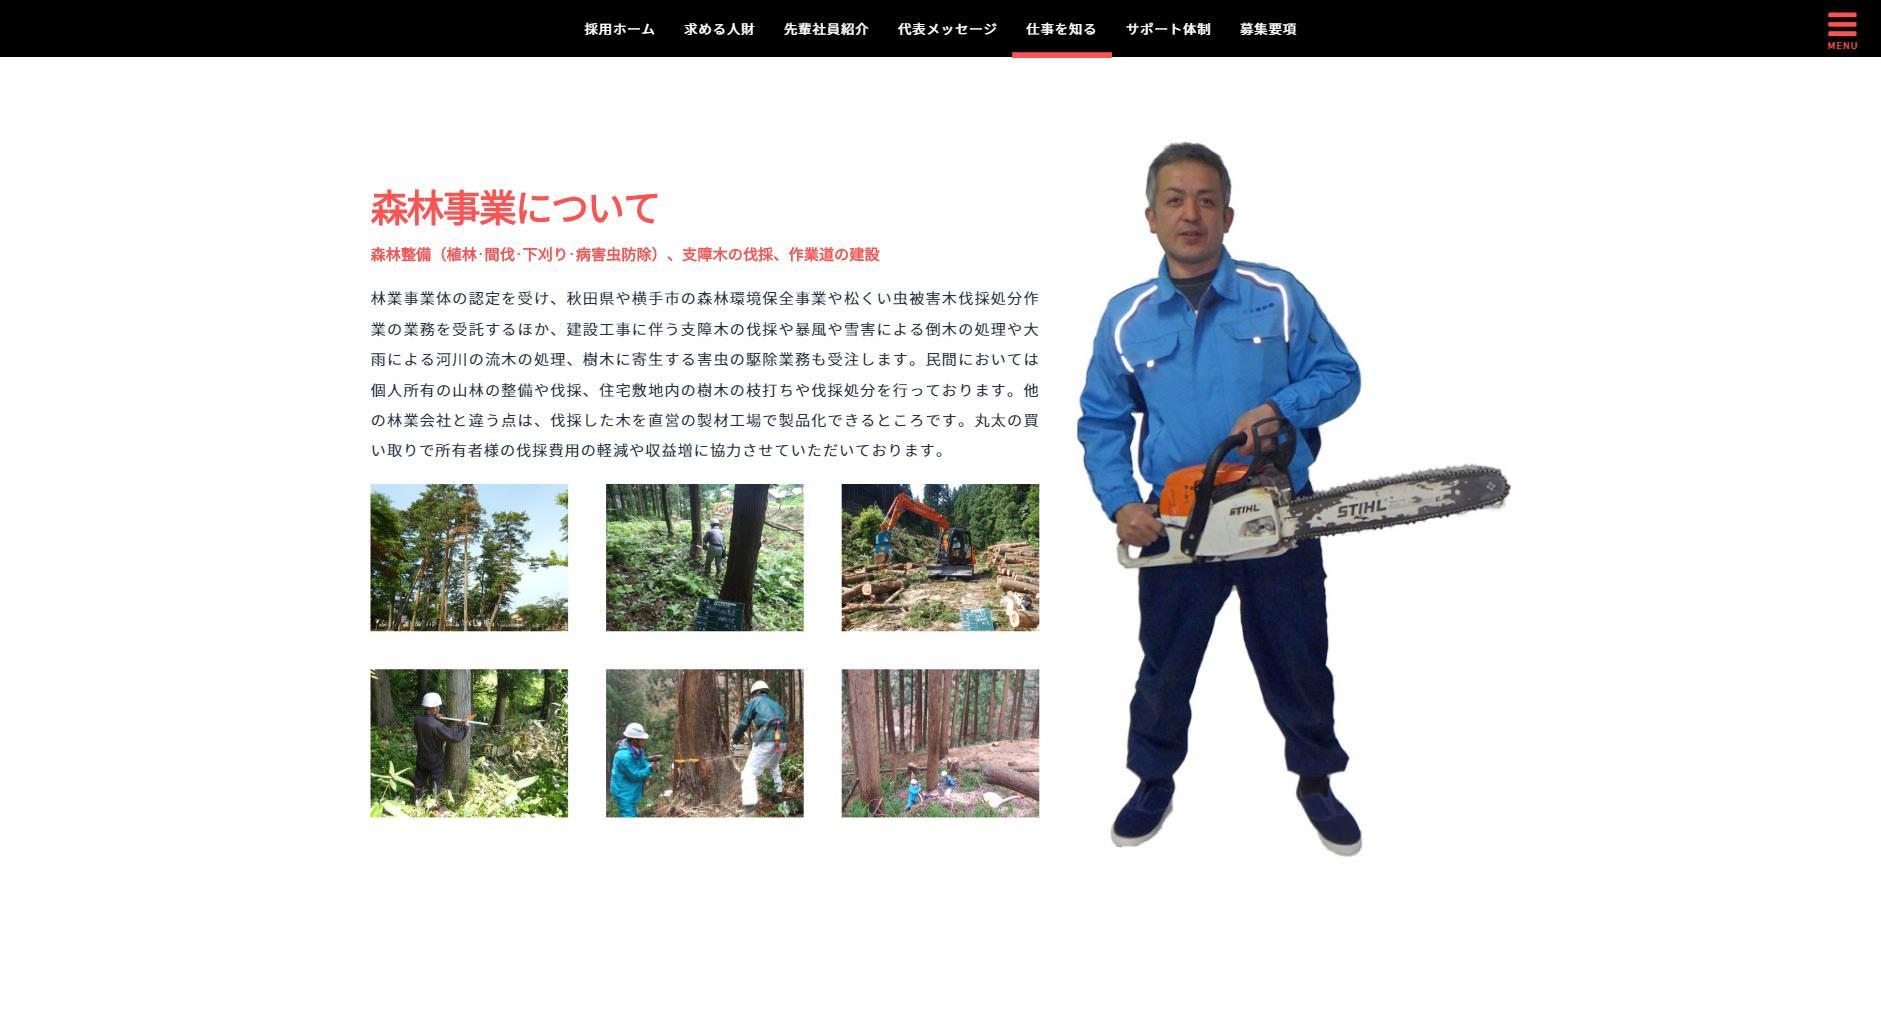 三又建設(採用特設サイト)PCのイメージ